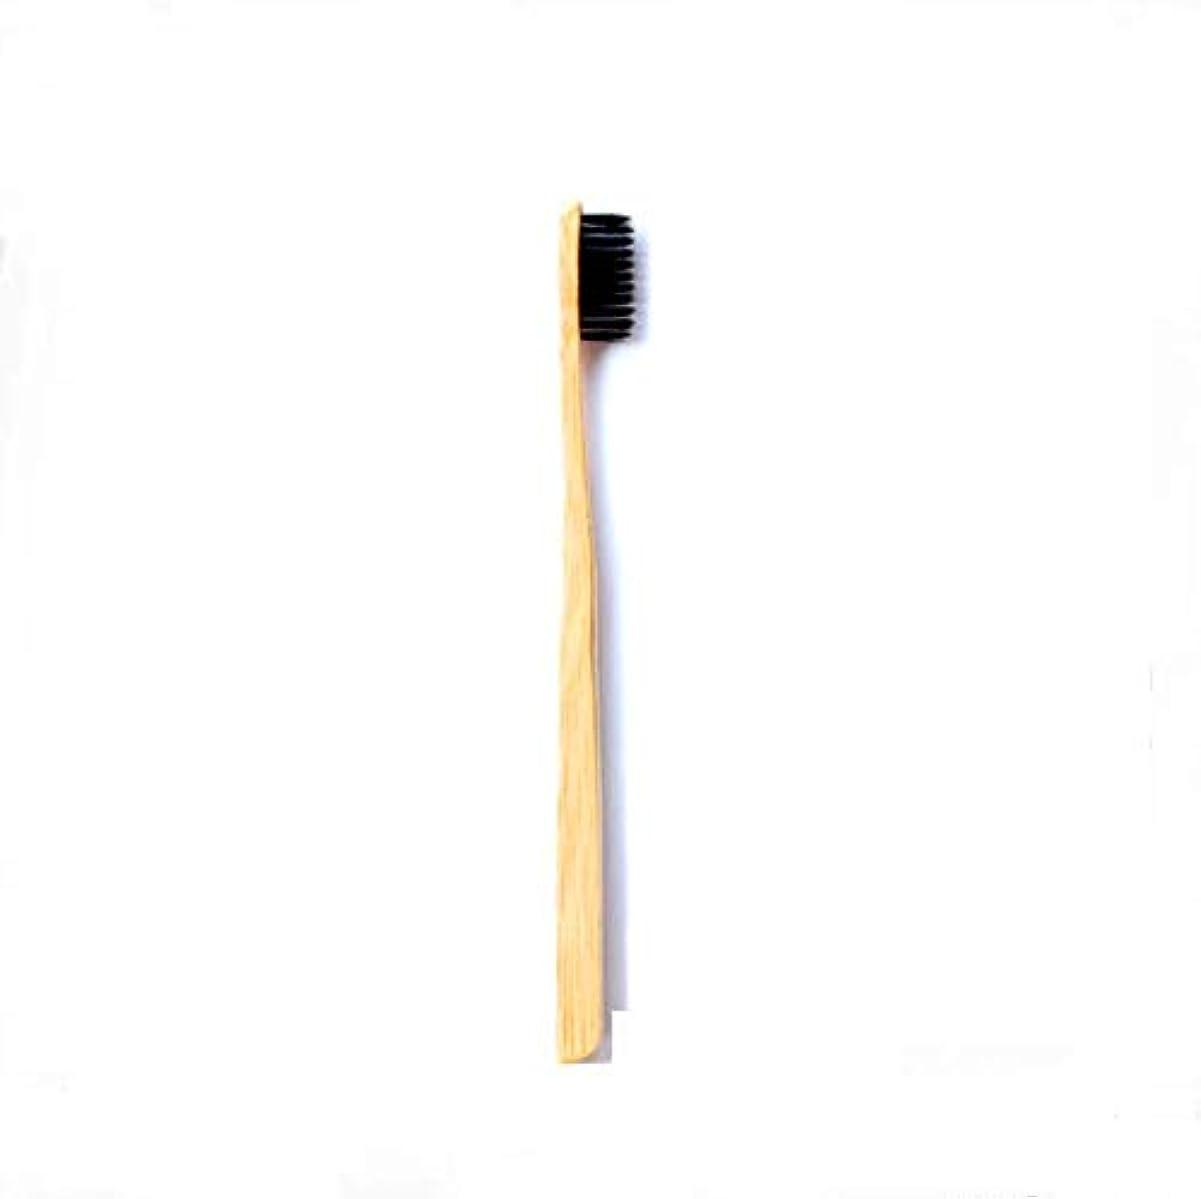 関係するゲージ透過性柔らかい毛が付いている5Pcs 竹の歯ブラシの有機性環境に優しい自然な竹の歯ブラシ